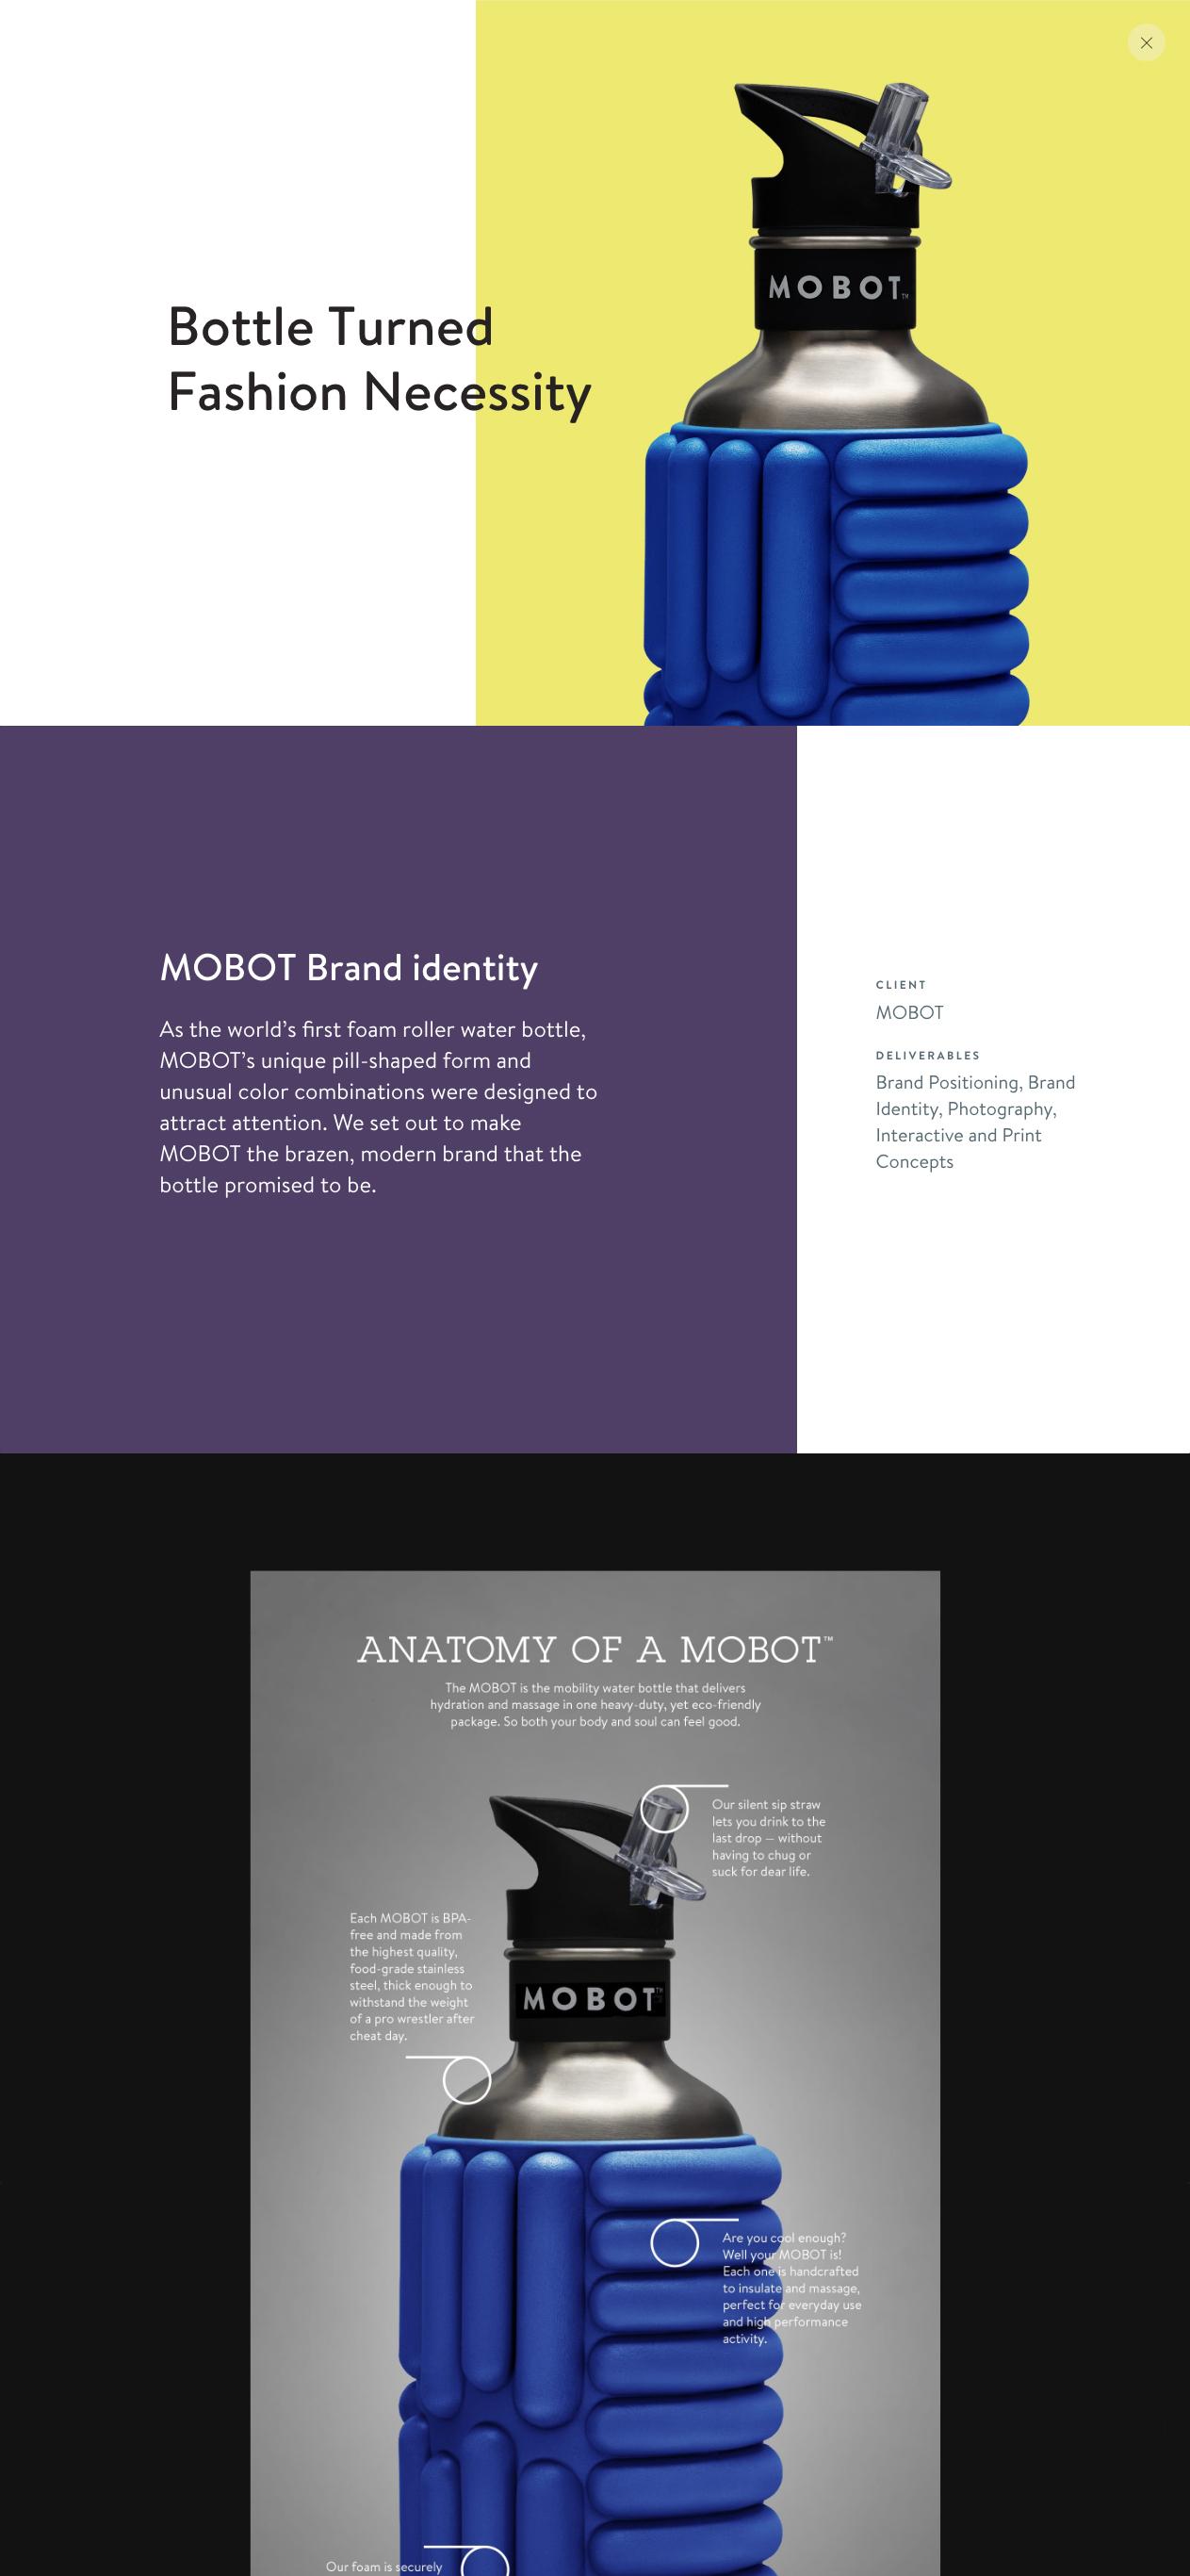 mobot02.jpg